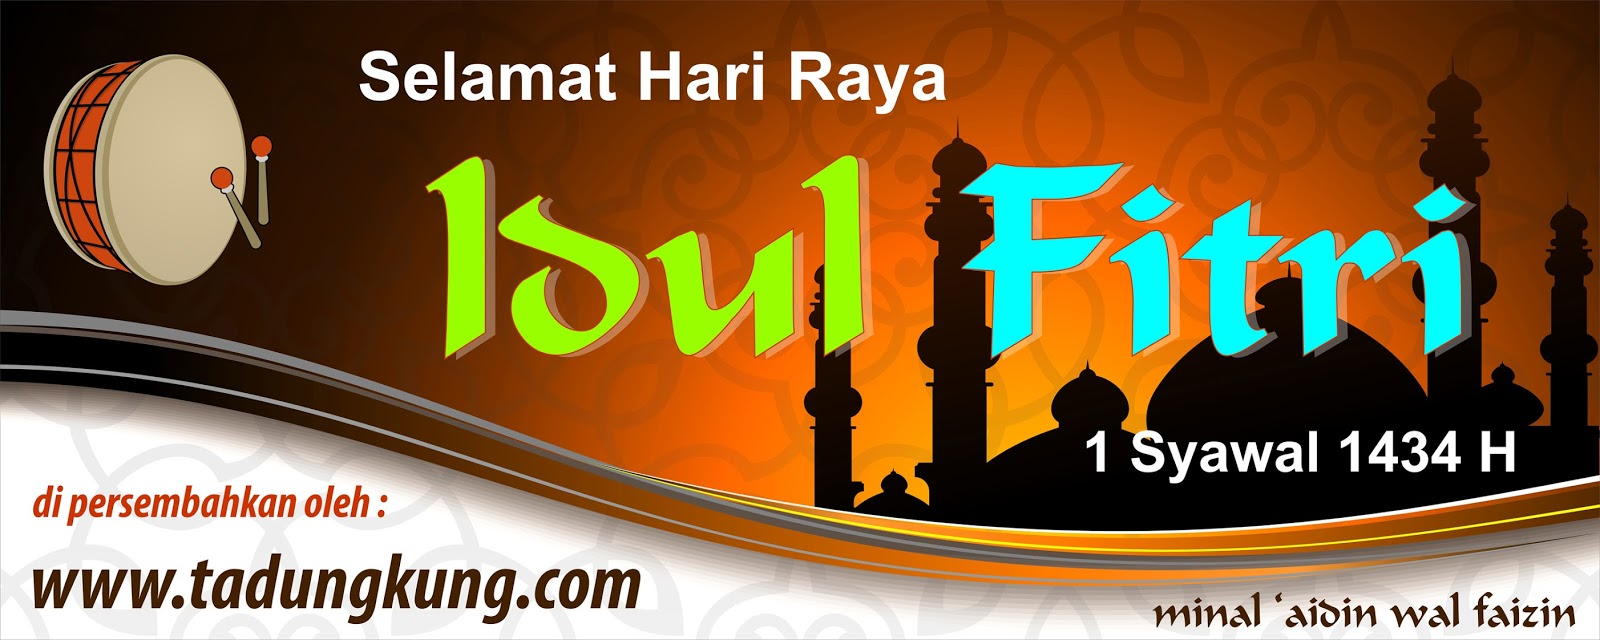 Template Spanduk Selamat Idul Fitri Vector